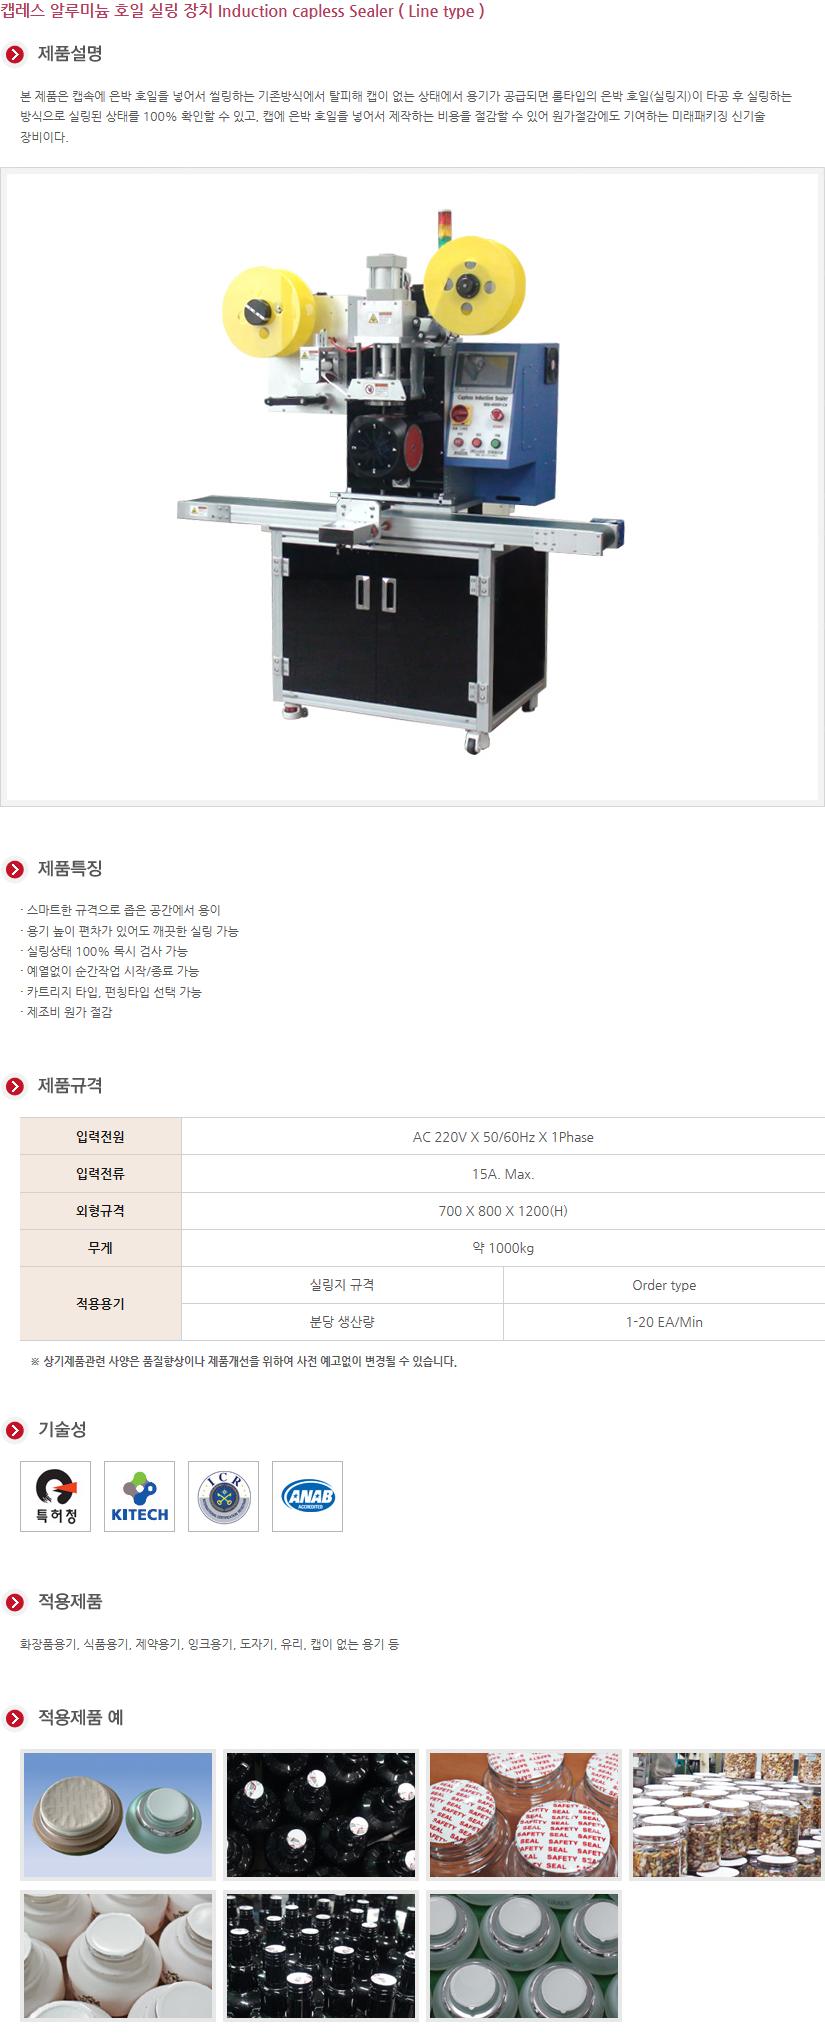 (주)스마트코퍼레이션 캡레스 알루미늄 호일 실링 장치 (Line type) SES-4000T 1